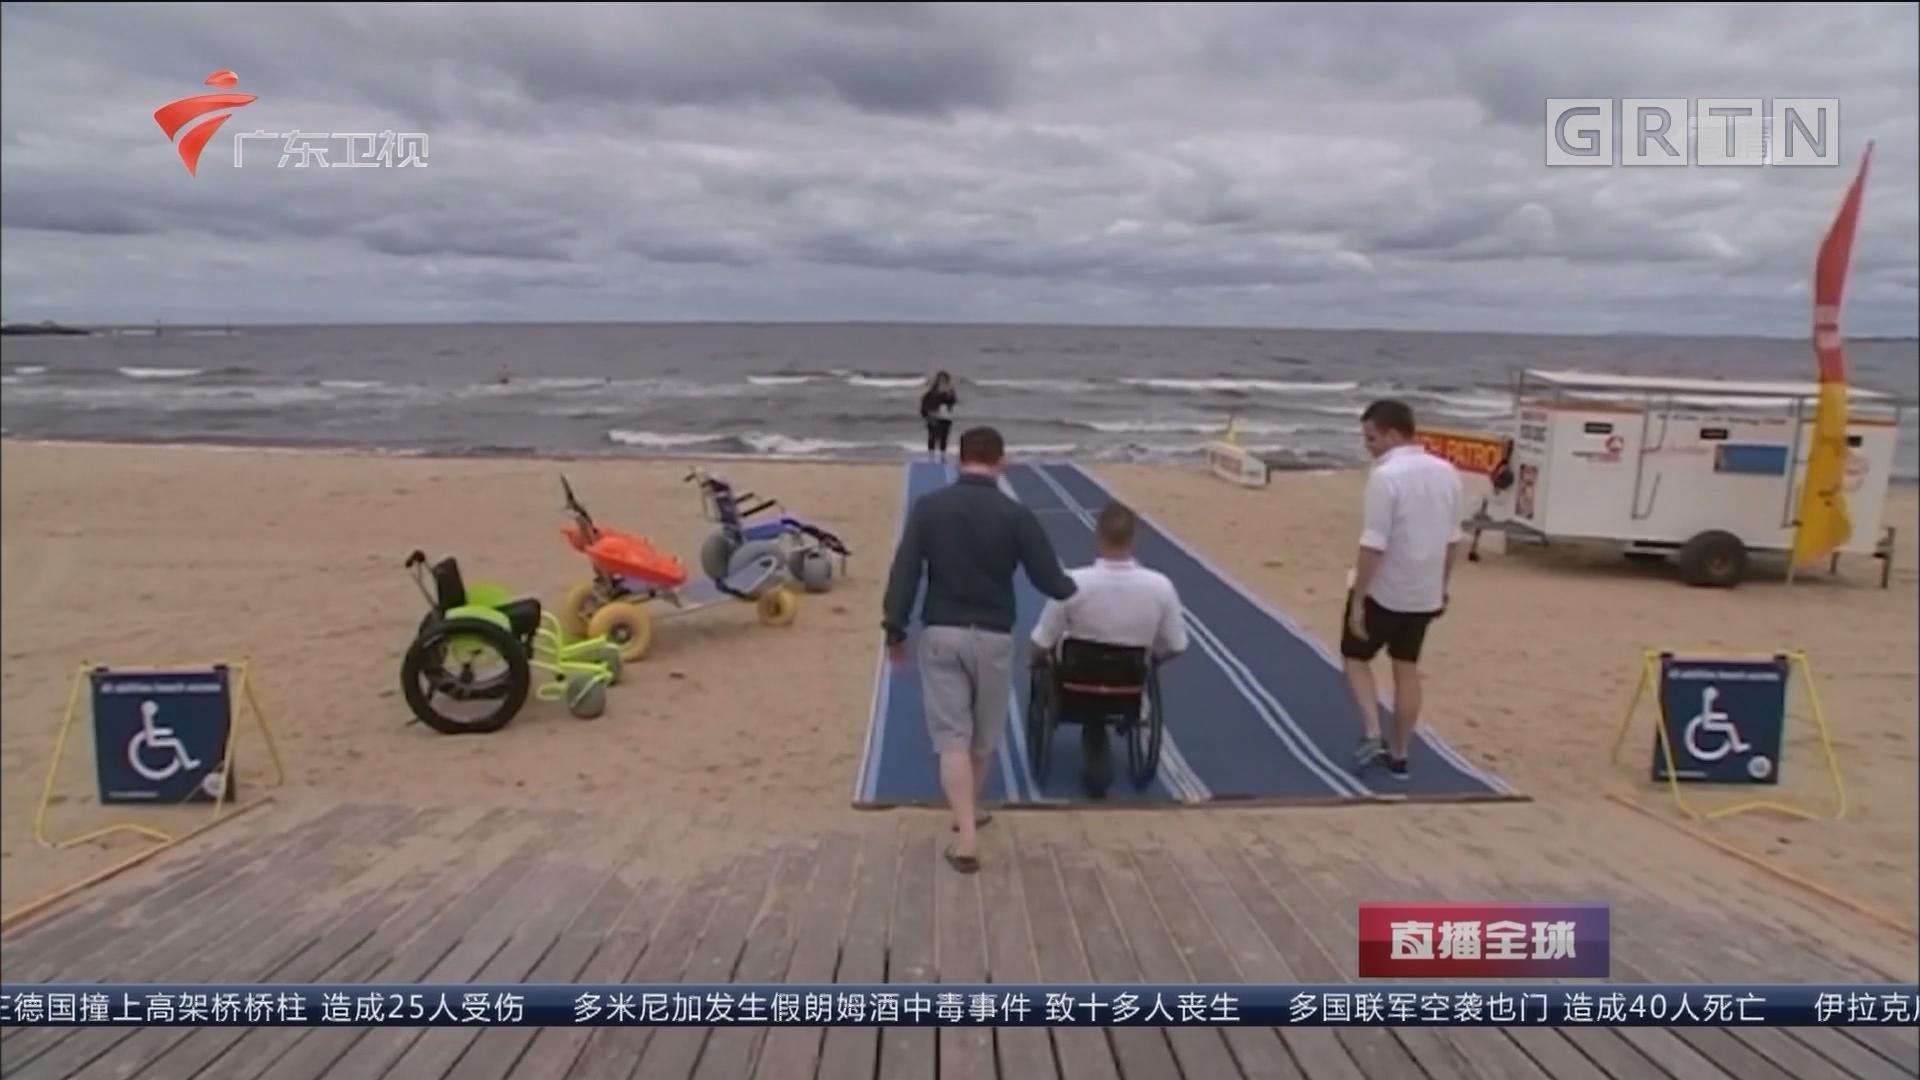 """澳大利亚推出""""可漂浮轮椅"""":细心关爱特定人群"""